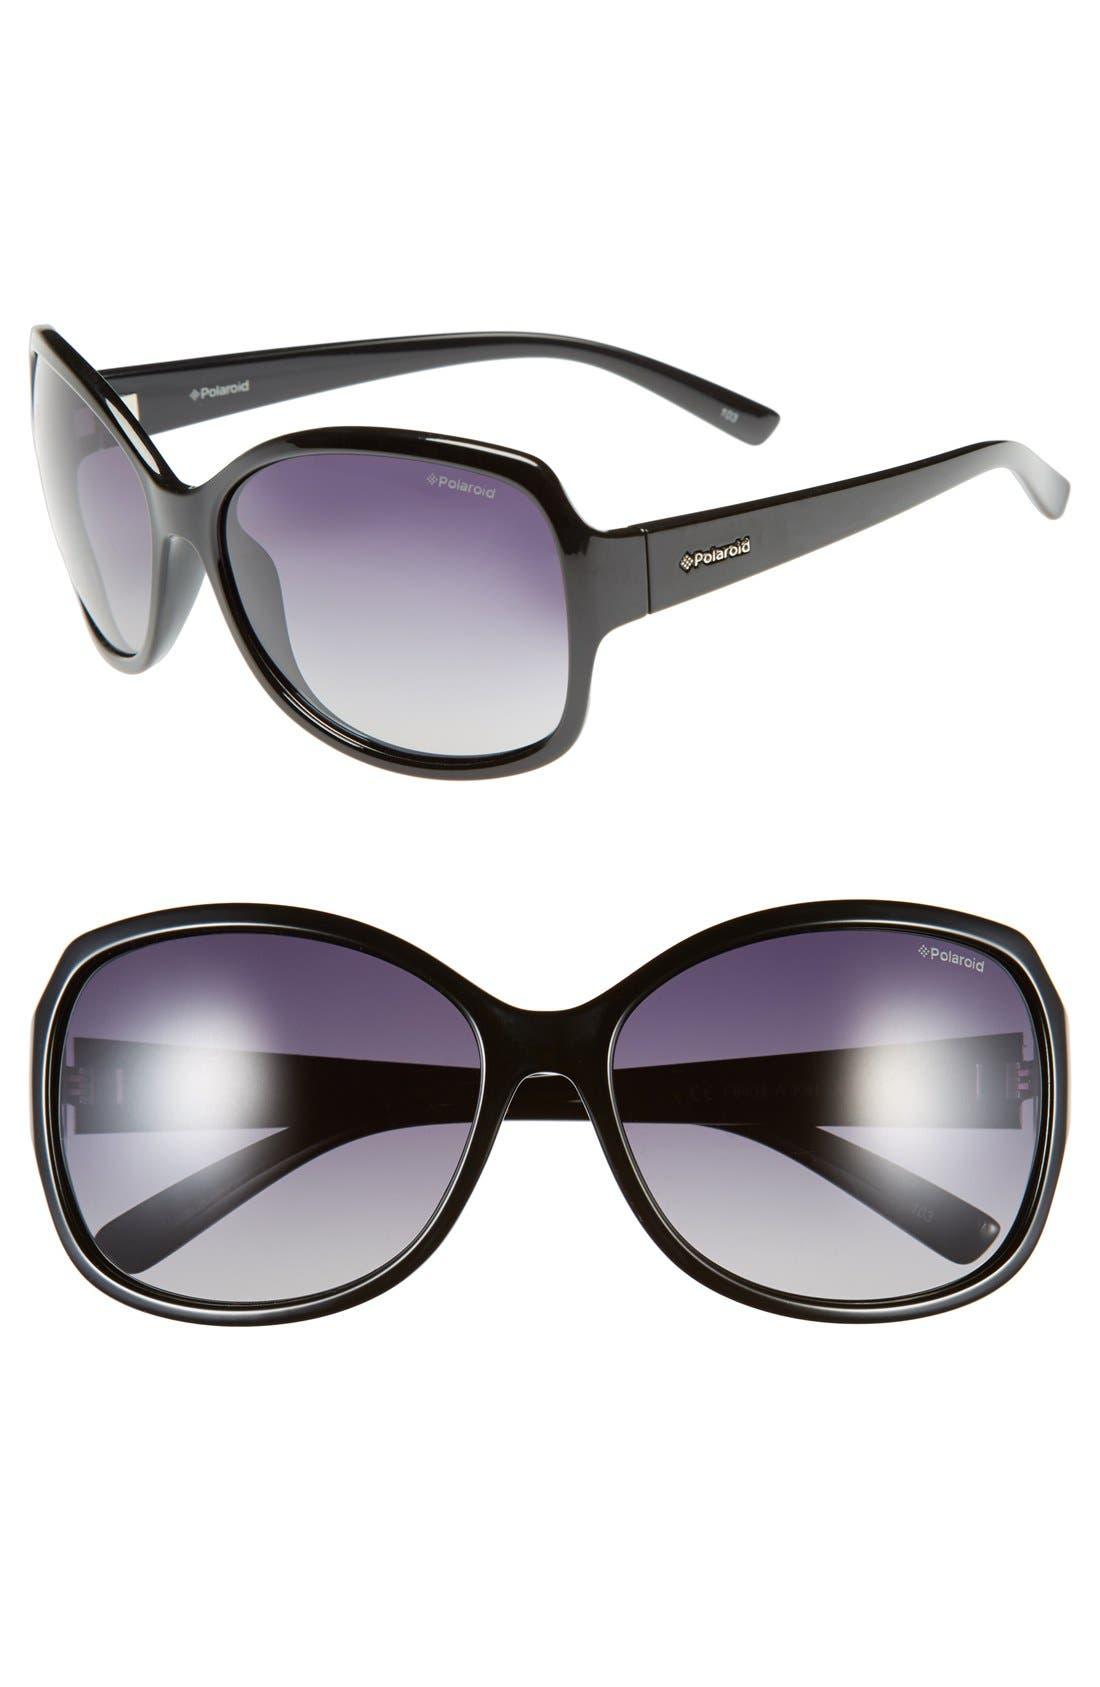 Alternate Image 1 Selected - Polaroid Eyewear 62mm Polarized Sunglasses